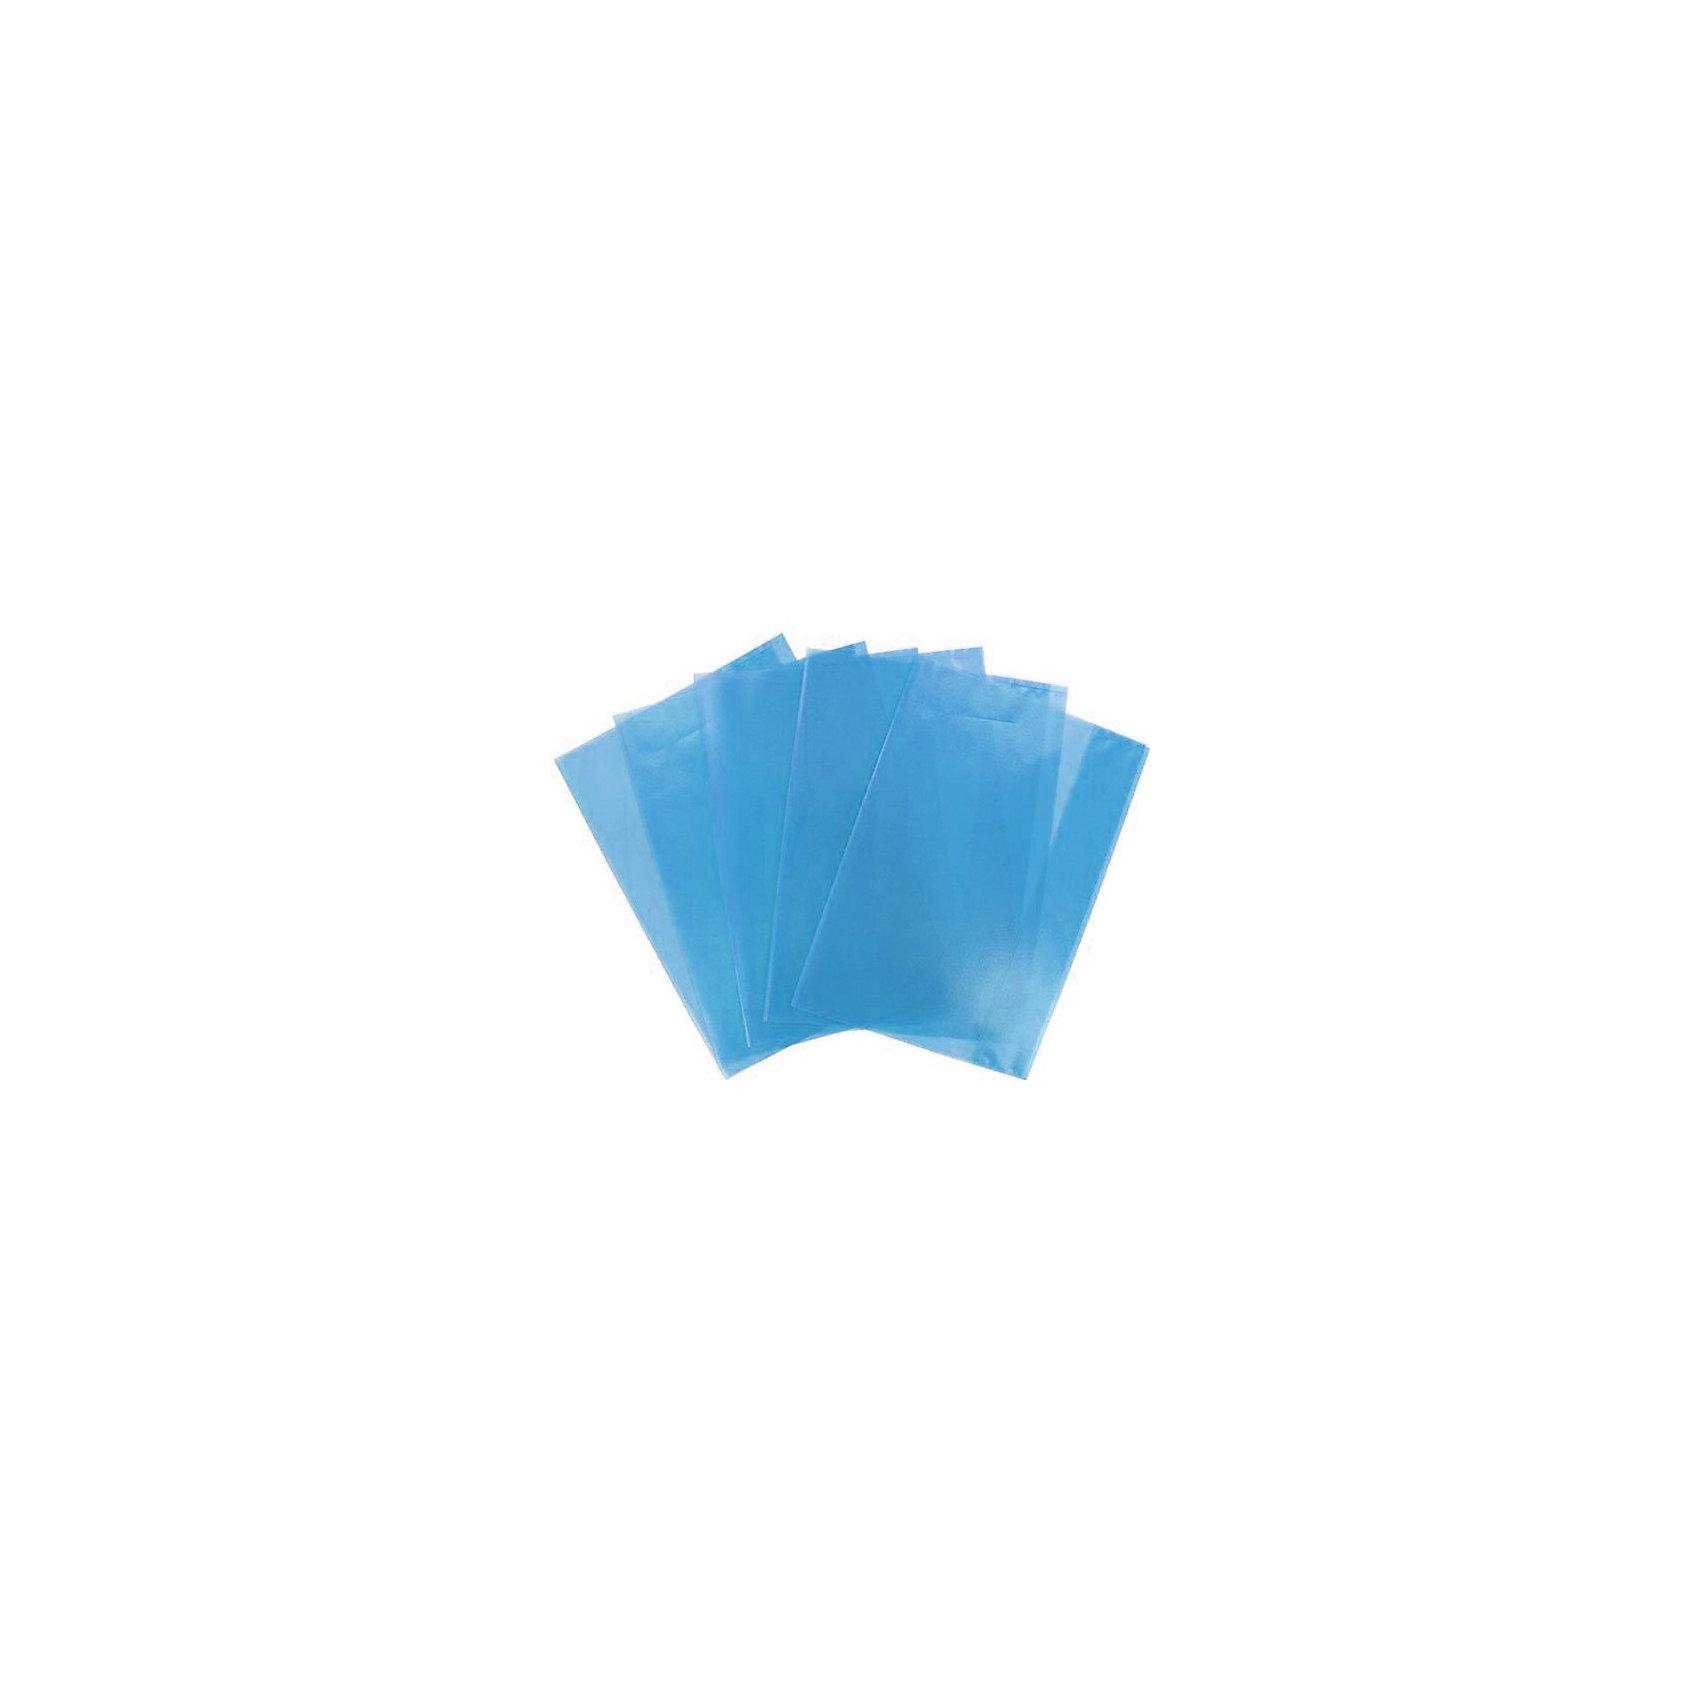 Panta Plast Набор обложек для тетрадей ф.А5, 5 шт.Школьные аксессуары<br>Характеристики товара:<br><br>• в комплекте: 5 обложек;<br>• формат: А5;<br>• поверхность: «апельсиновая корка»;<br>• размер обложки:21х34,8 см;<br>• материал: полипропилен;<br>• возраст: от 6 лет;<br>• цвет: голубой;<br>• размер упаковки: 21х34,8 см;<br>• вес: 58 грамм. <br><br>Обложки Panta Plast сохранят тетради опрятными в течение учебного года. Они защитят от загрязнений, намокания и преждевременного изнашивания. Обложки изготовлены из прочного полипропилена голубого цвета. Поверхность по типу «апельсиновая корка» всегда будет радовать глаз.<br><br>Panta Plast (Панта Пласт) Набор обложек для тетрадей ф.А5, 5 шт. можно купить в нашем интернет-магазине.<br><br>Ширина мм: 348<br>Глубина мм: 210<br>Высота мм: 10<br>Вес г: 58<br>Возраст от месяцев: 84<br>Возраст до месяцев: 156<br>Пол: Унисекс<br>Возраст: Детский<br>SKU: 6858974